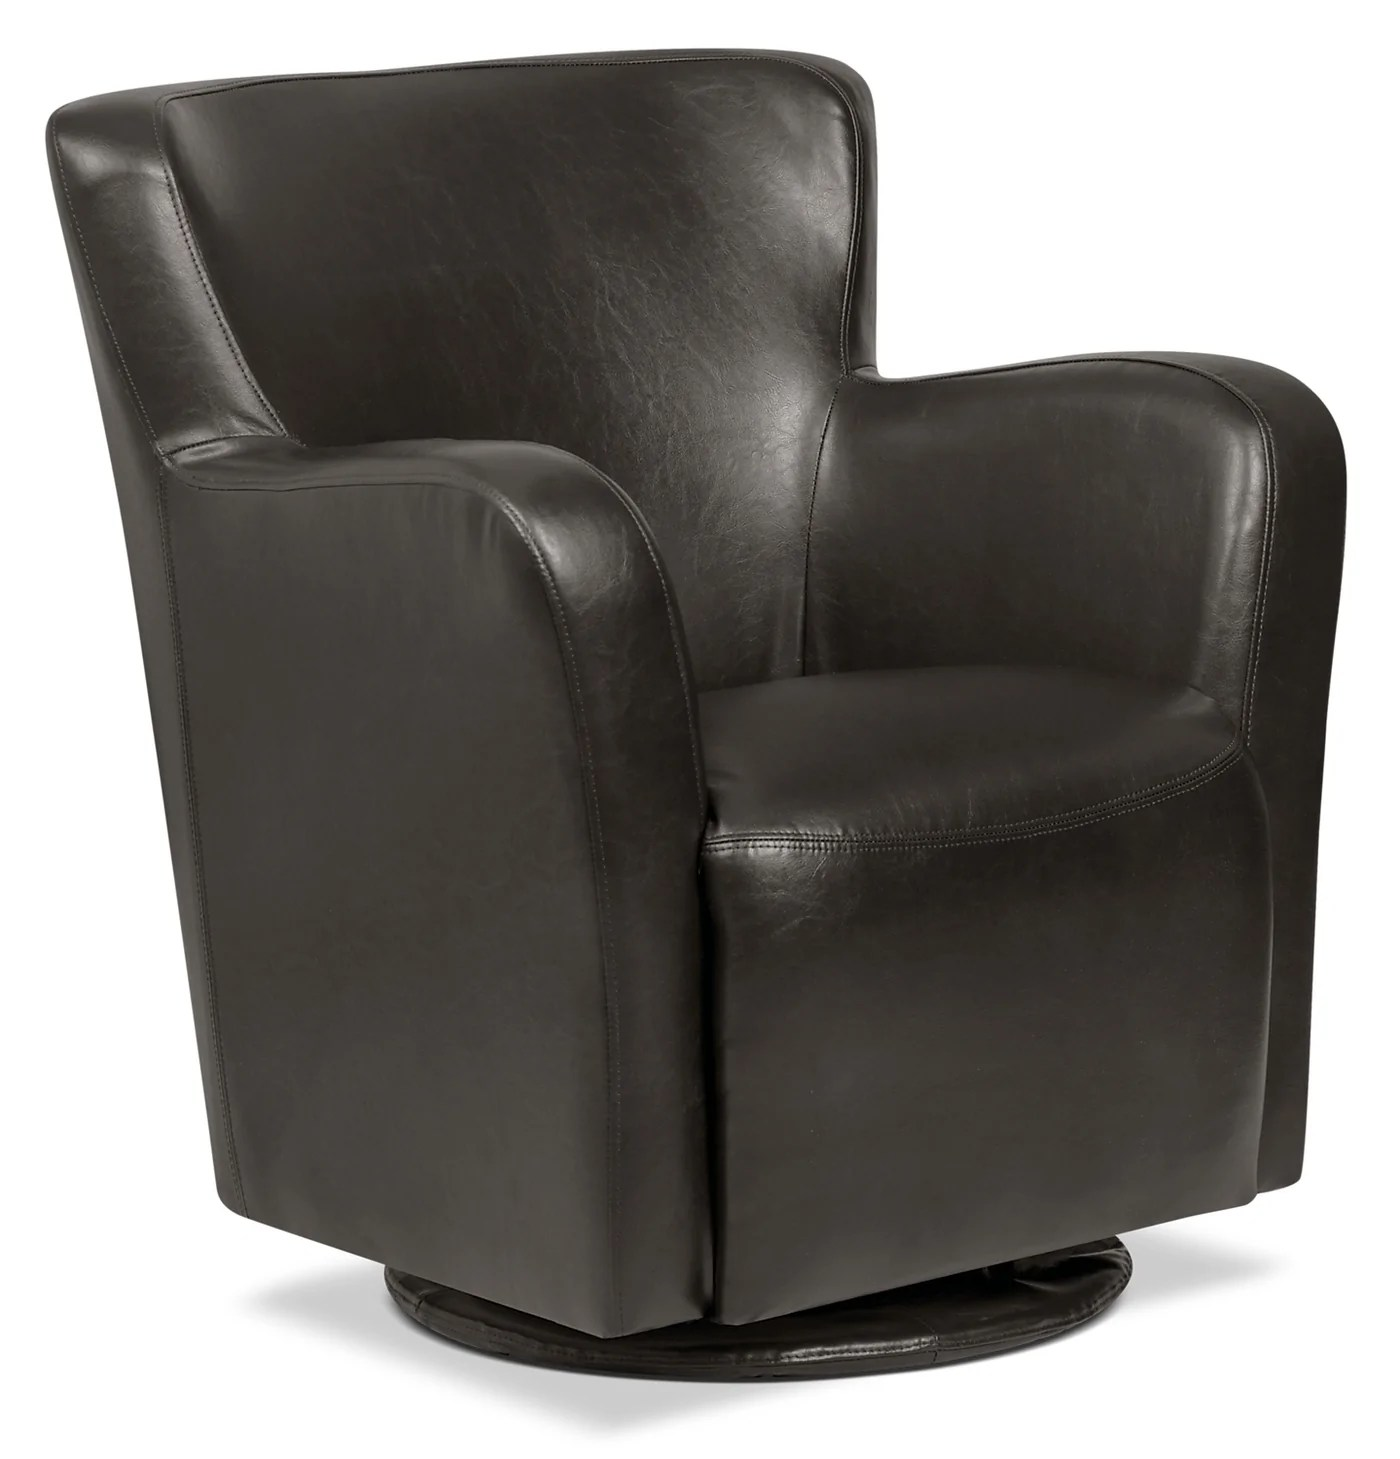 Nettoyer Fauteuil En Cuir nettoyer les fauteuils en cuir - flash furniture fauteuil